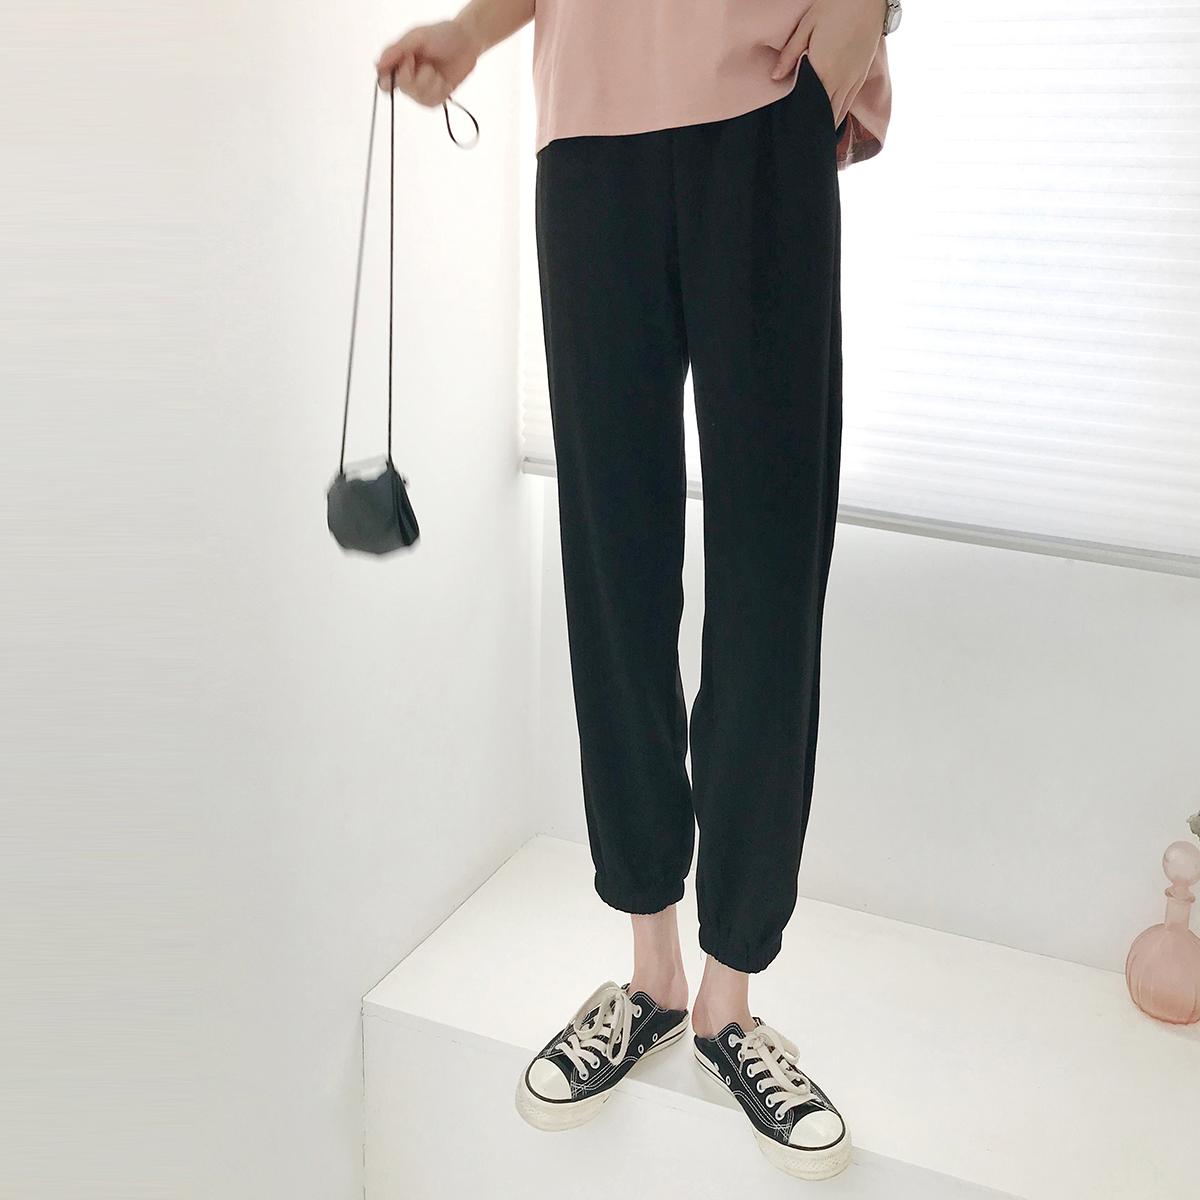 金大班含烟2020夏季新款运动风黑色显瘦九分哈伦休闲束脚裤子女潮